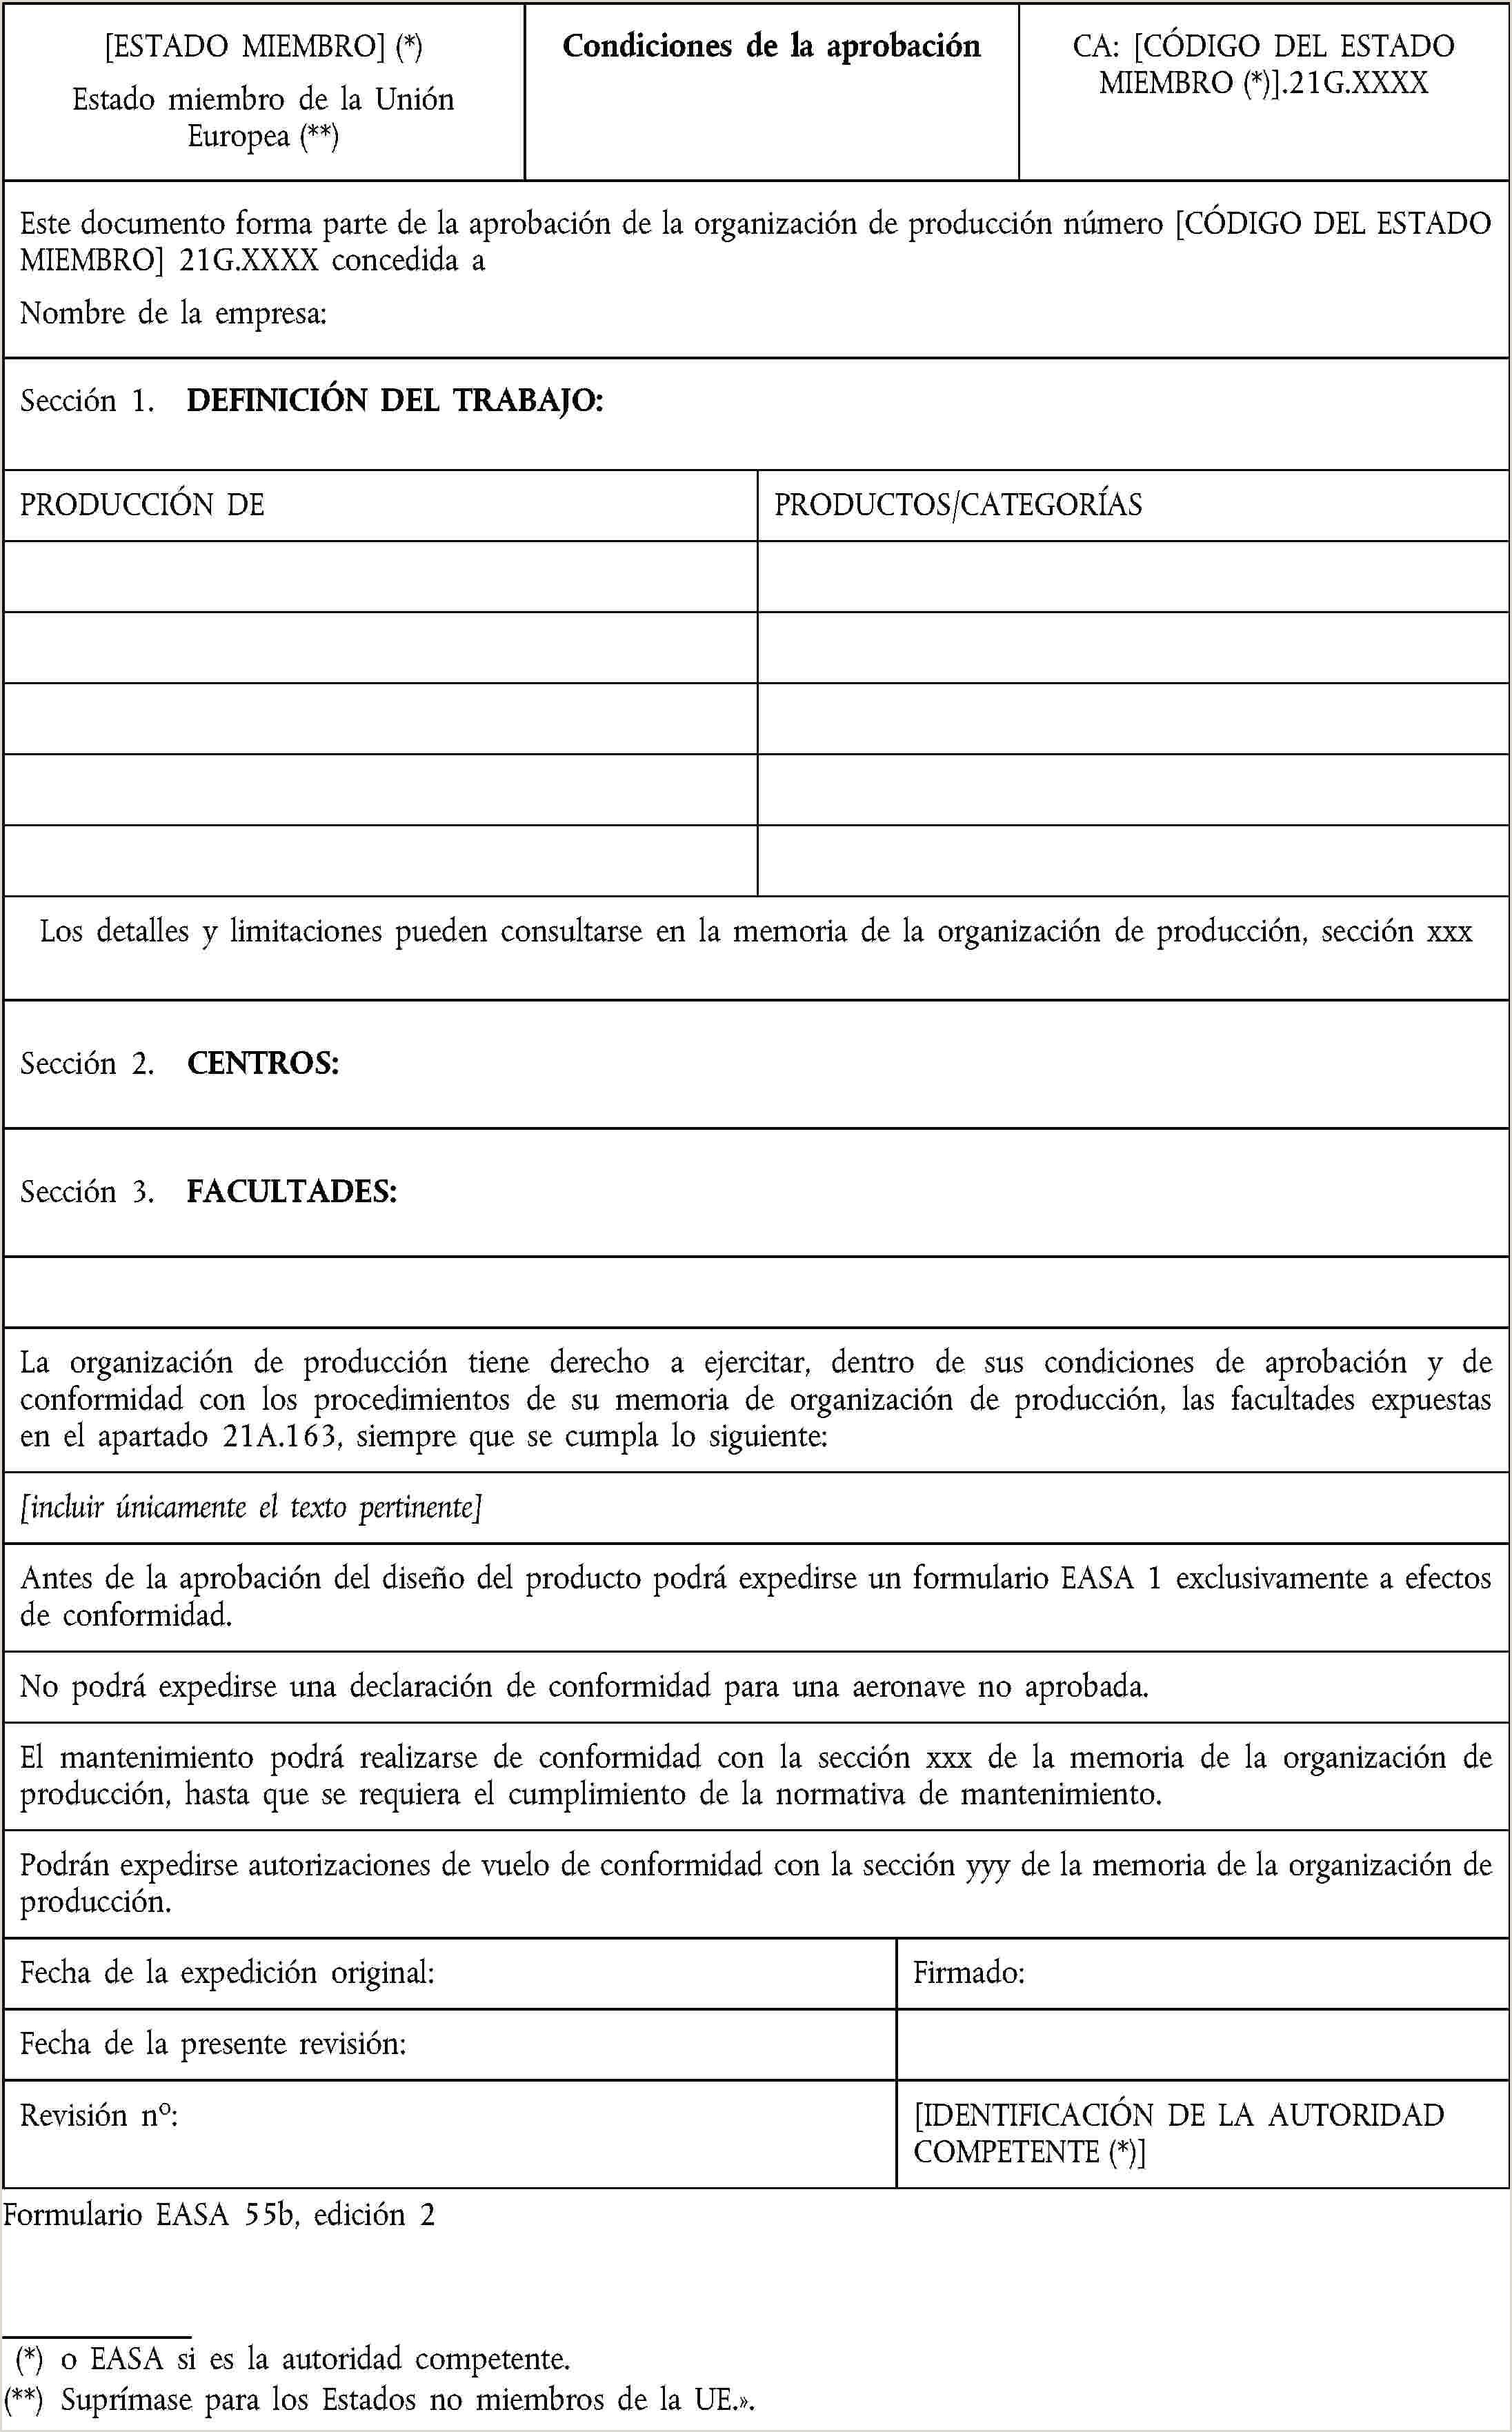 Formato Unico De Hoja De Vida Instrucciones Eur Lex R1194 En Eur Lex